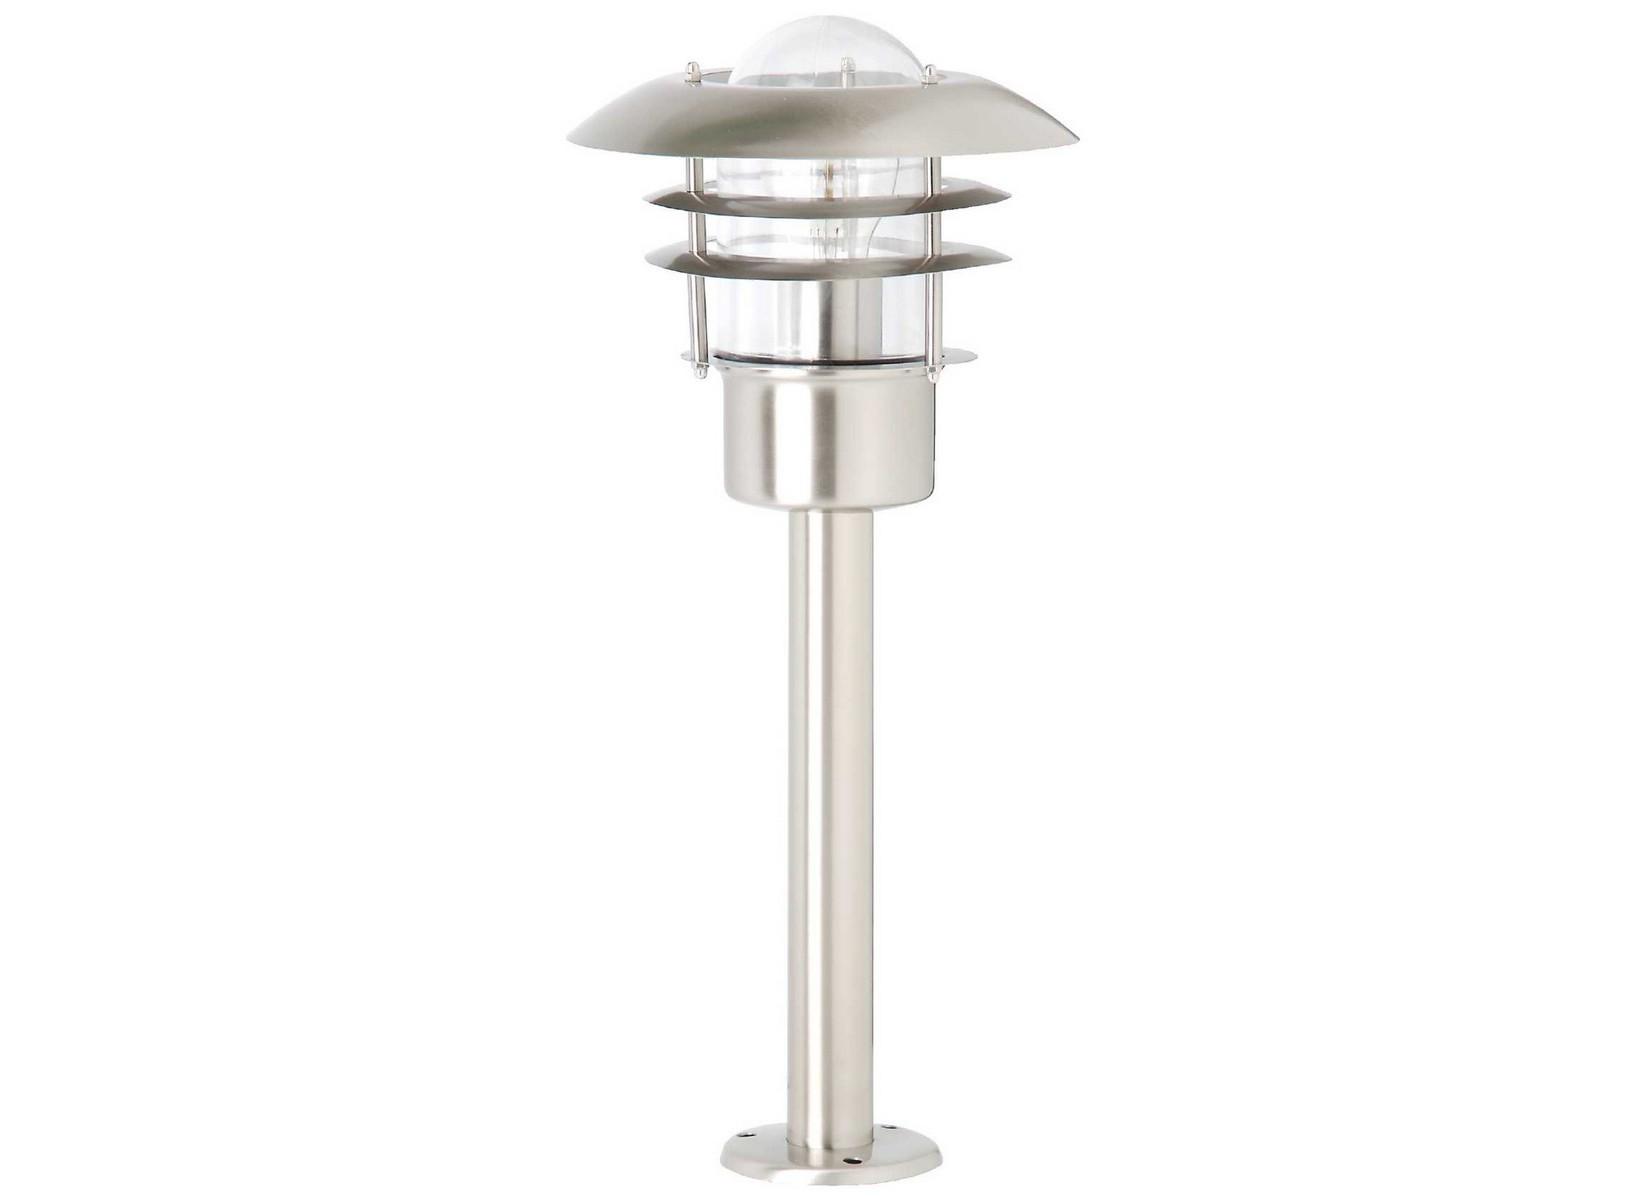 Светильник TerrenceУличные наземные светильники<br>&amp;lt;div&amp;gt;Вид цоколя: Е27&amp;lt;/div&amp;gt;&amp;lt;div&amp;gt;Мощность лампы: 60W&amp;lt;/div&amp;gt;&amp;lt;div&amp;gt;Количество ламп: 1&amp;lt;/div&amp;gt;&amp;lt;div&amp;gt;Наличие ламп: нет&amp;lt;/div&amp;gt;<br><br>Material: Стекло<br>Высота см: 50